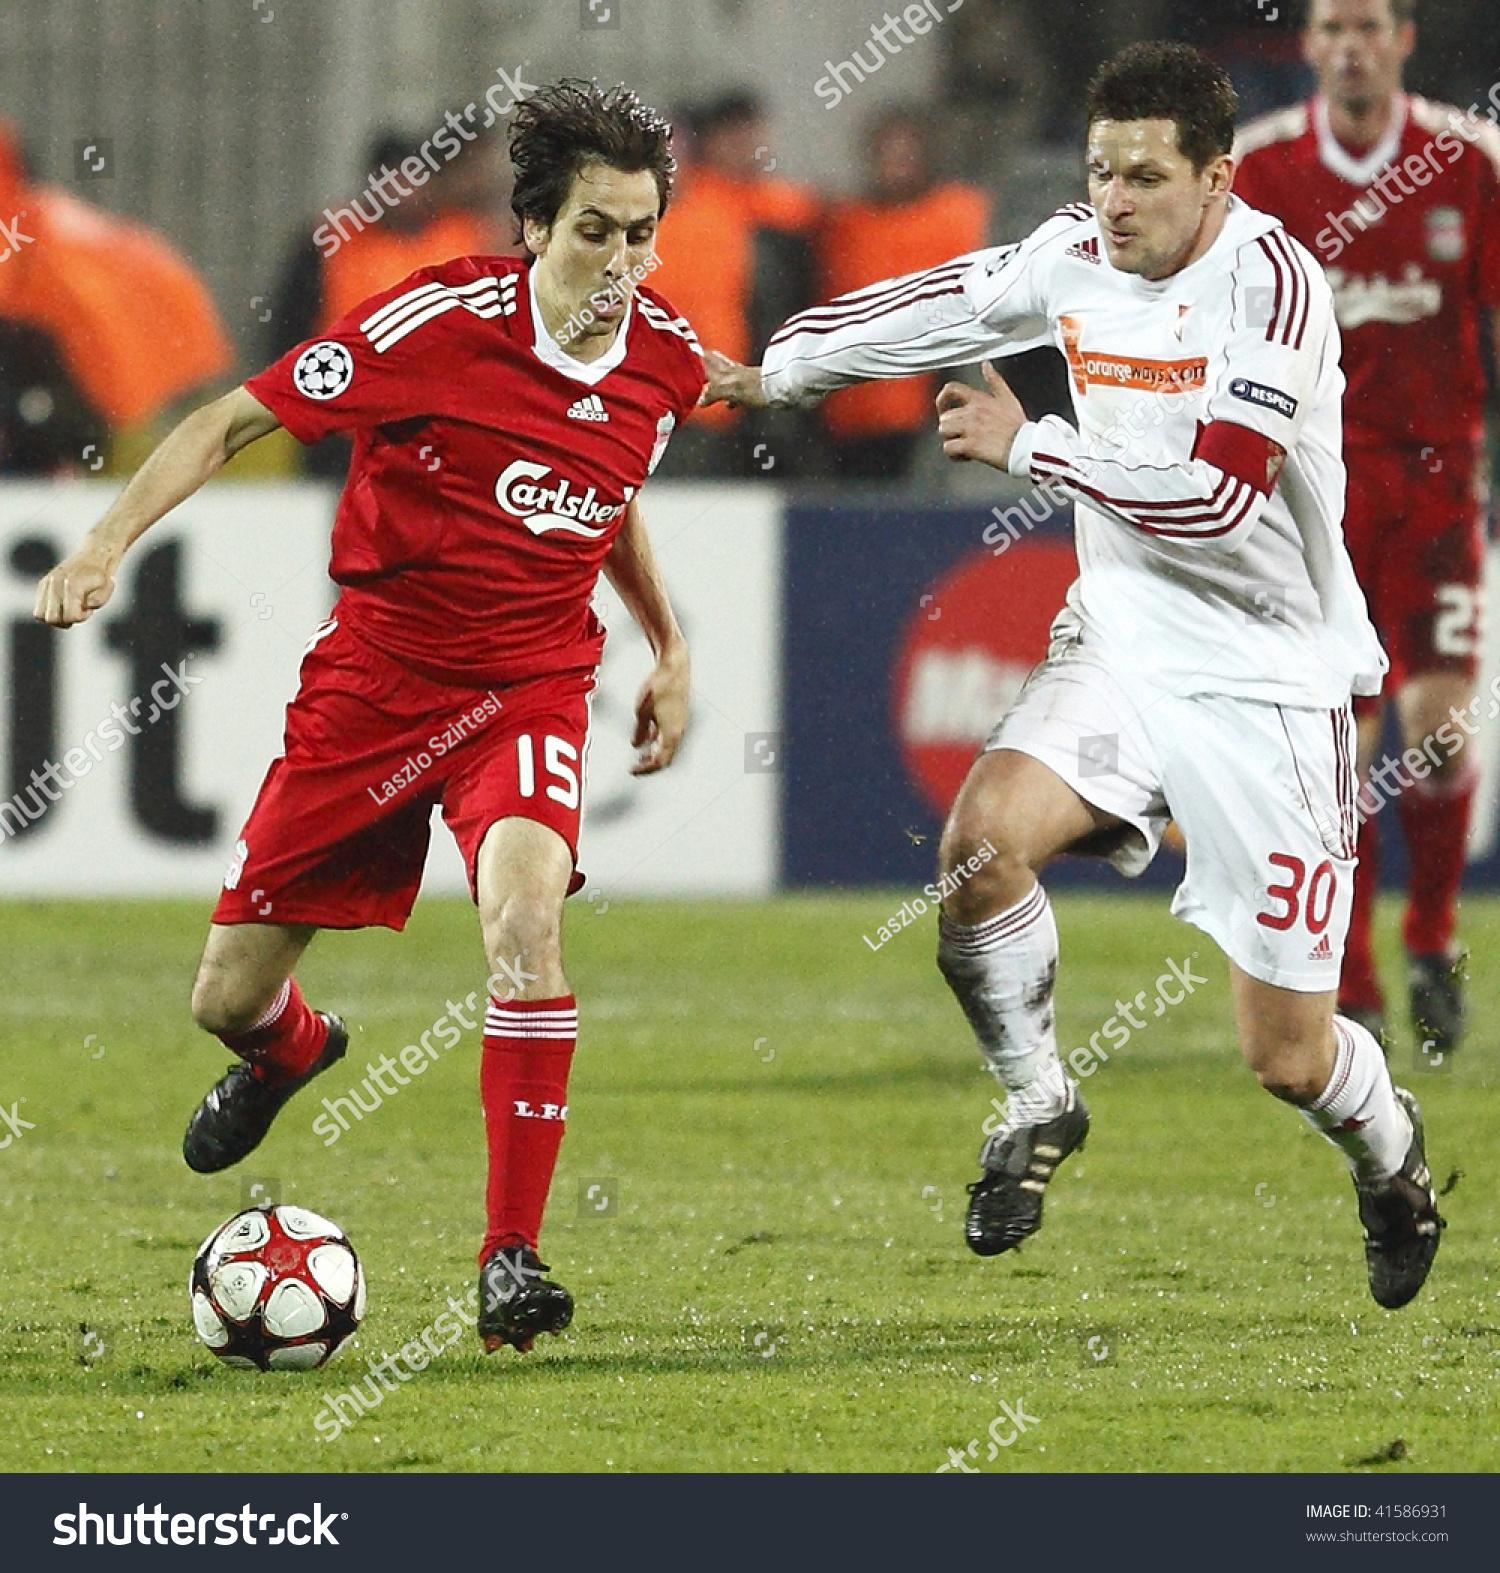 Debrecen Vs Liverpool Uefa Champions League Match: November 24: Debrecen Vs Liverpool, Uefa